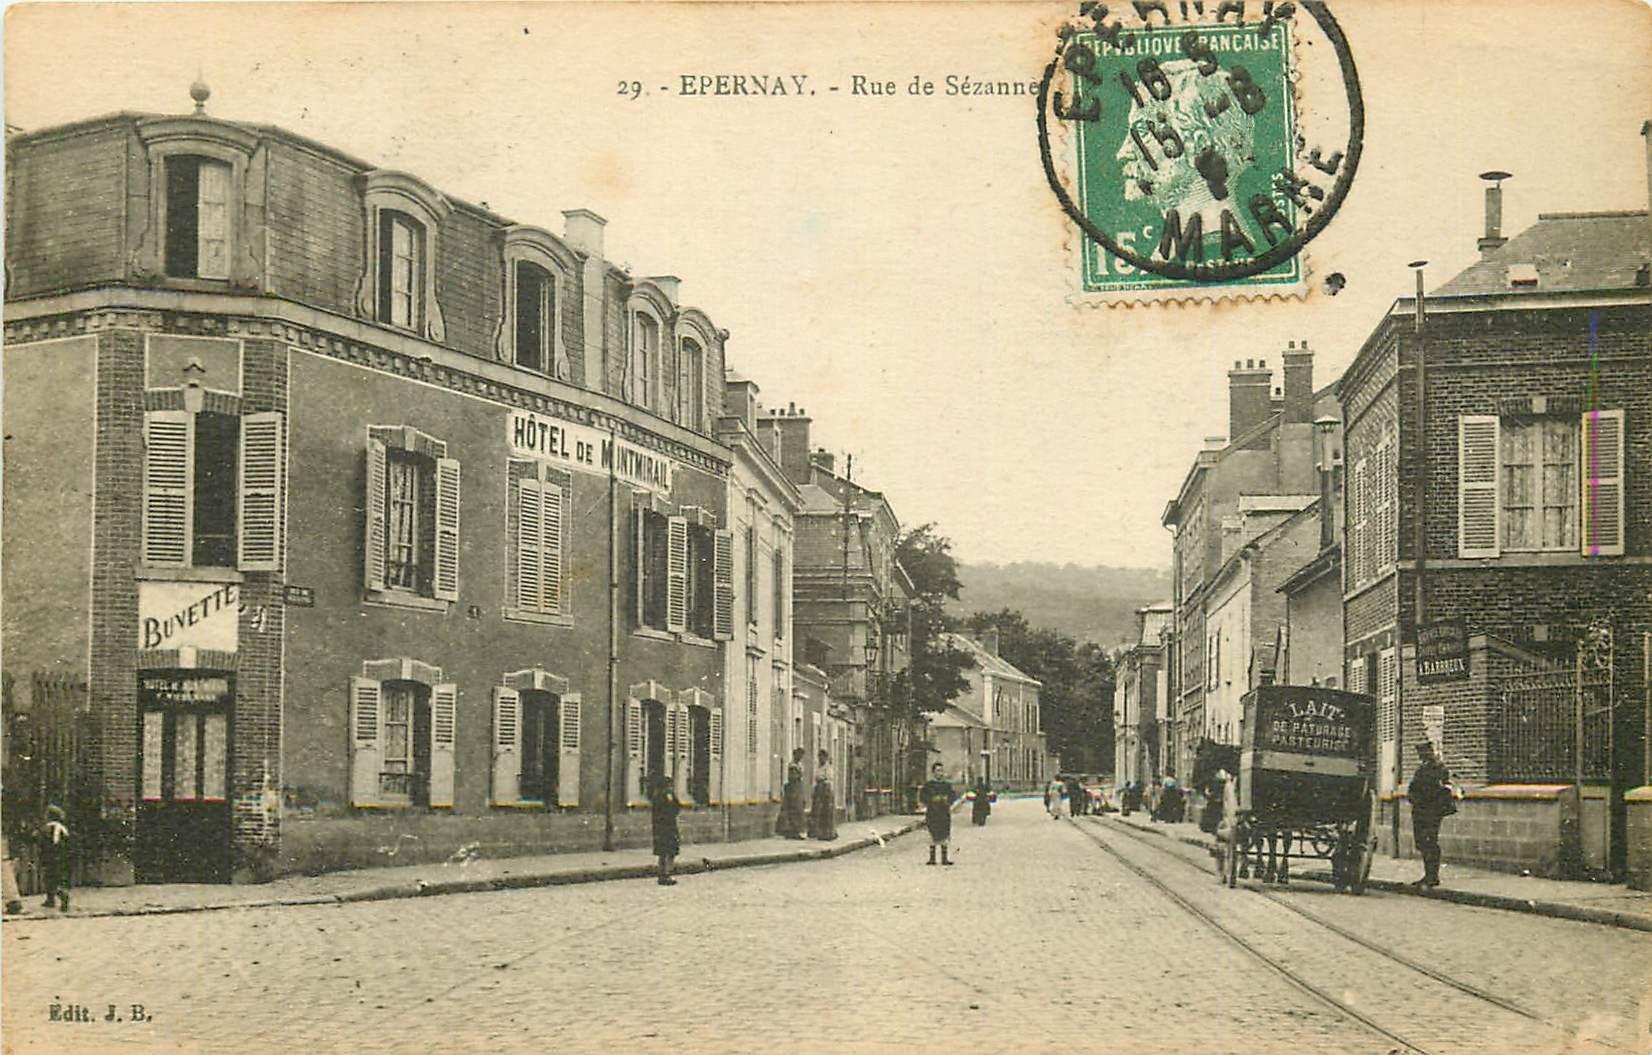 51 EPERNAY. Hôtel rue Sézanne 1925